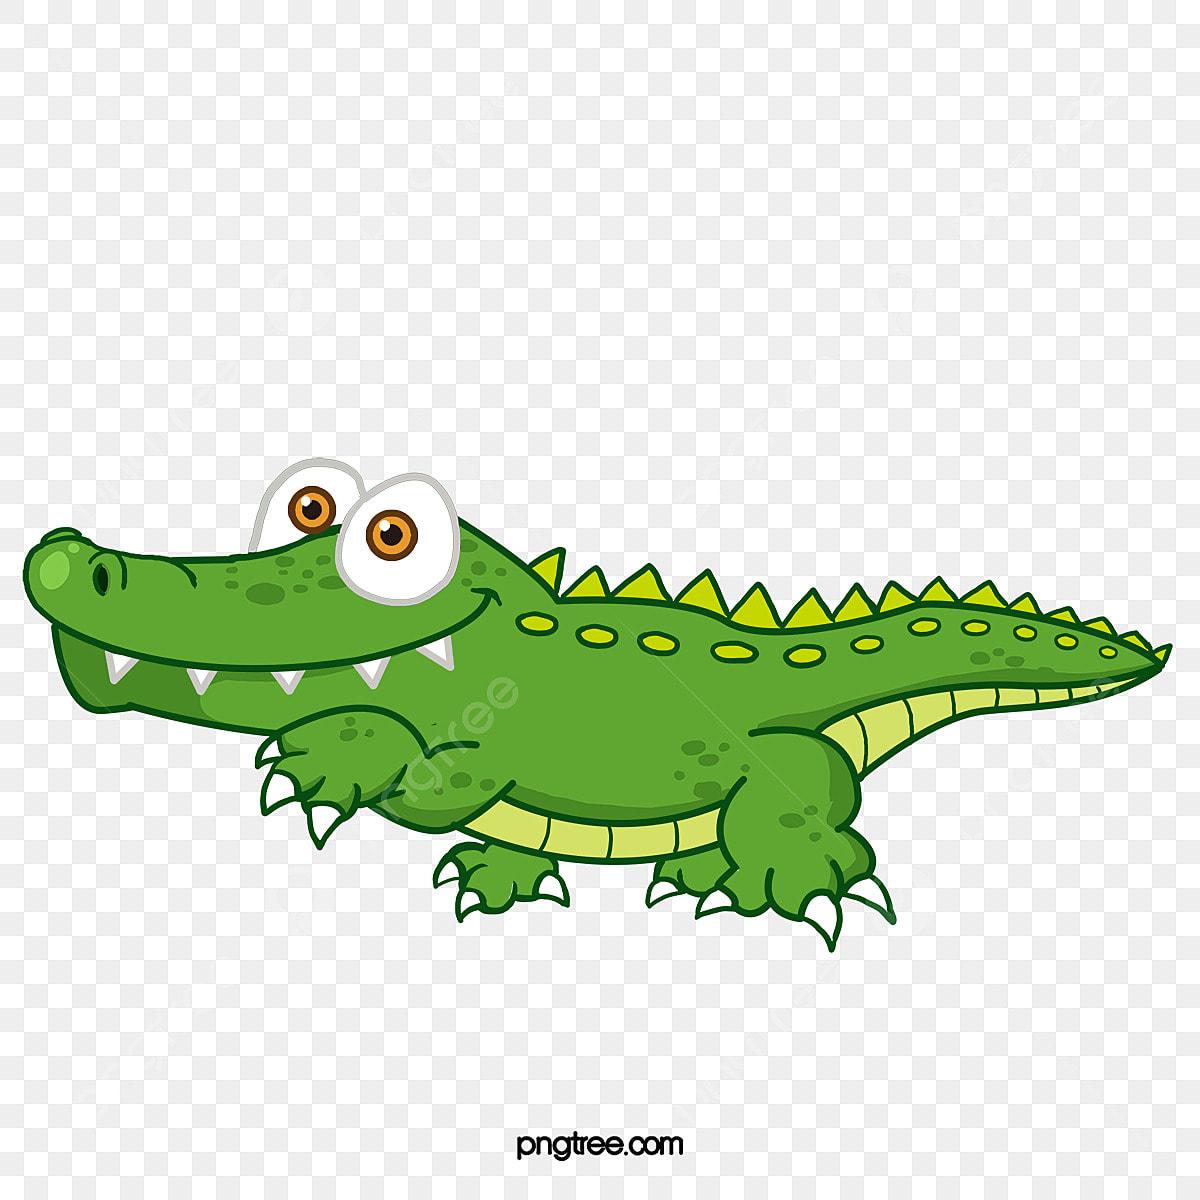 ناقلات الكرتون التمساح تمساح مرسومة باليد تمساح لطيف التماسيح الشرسة Png وملف Psd للتحميل مجانا